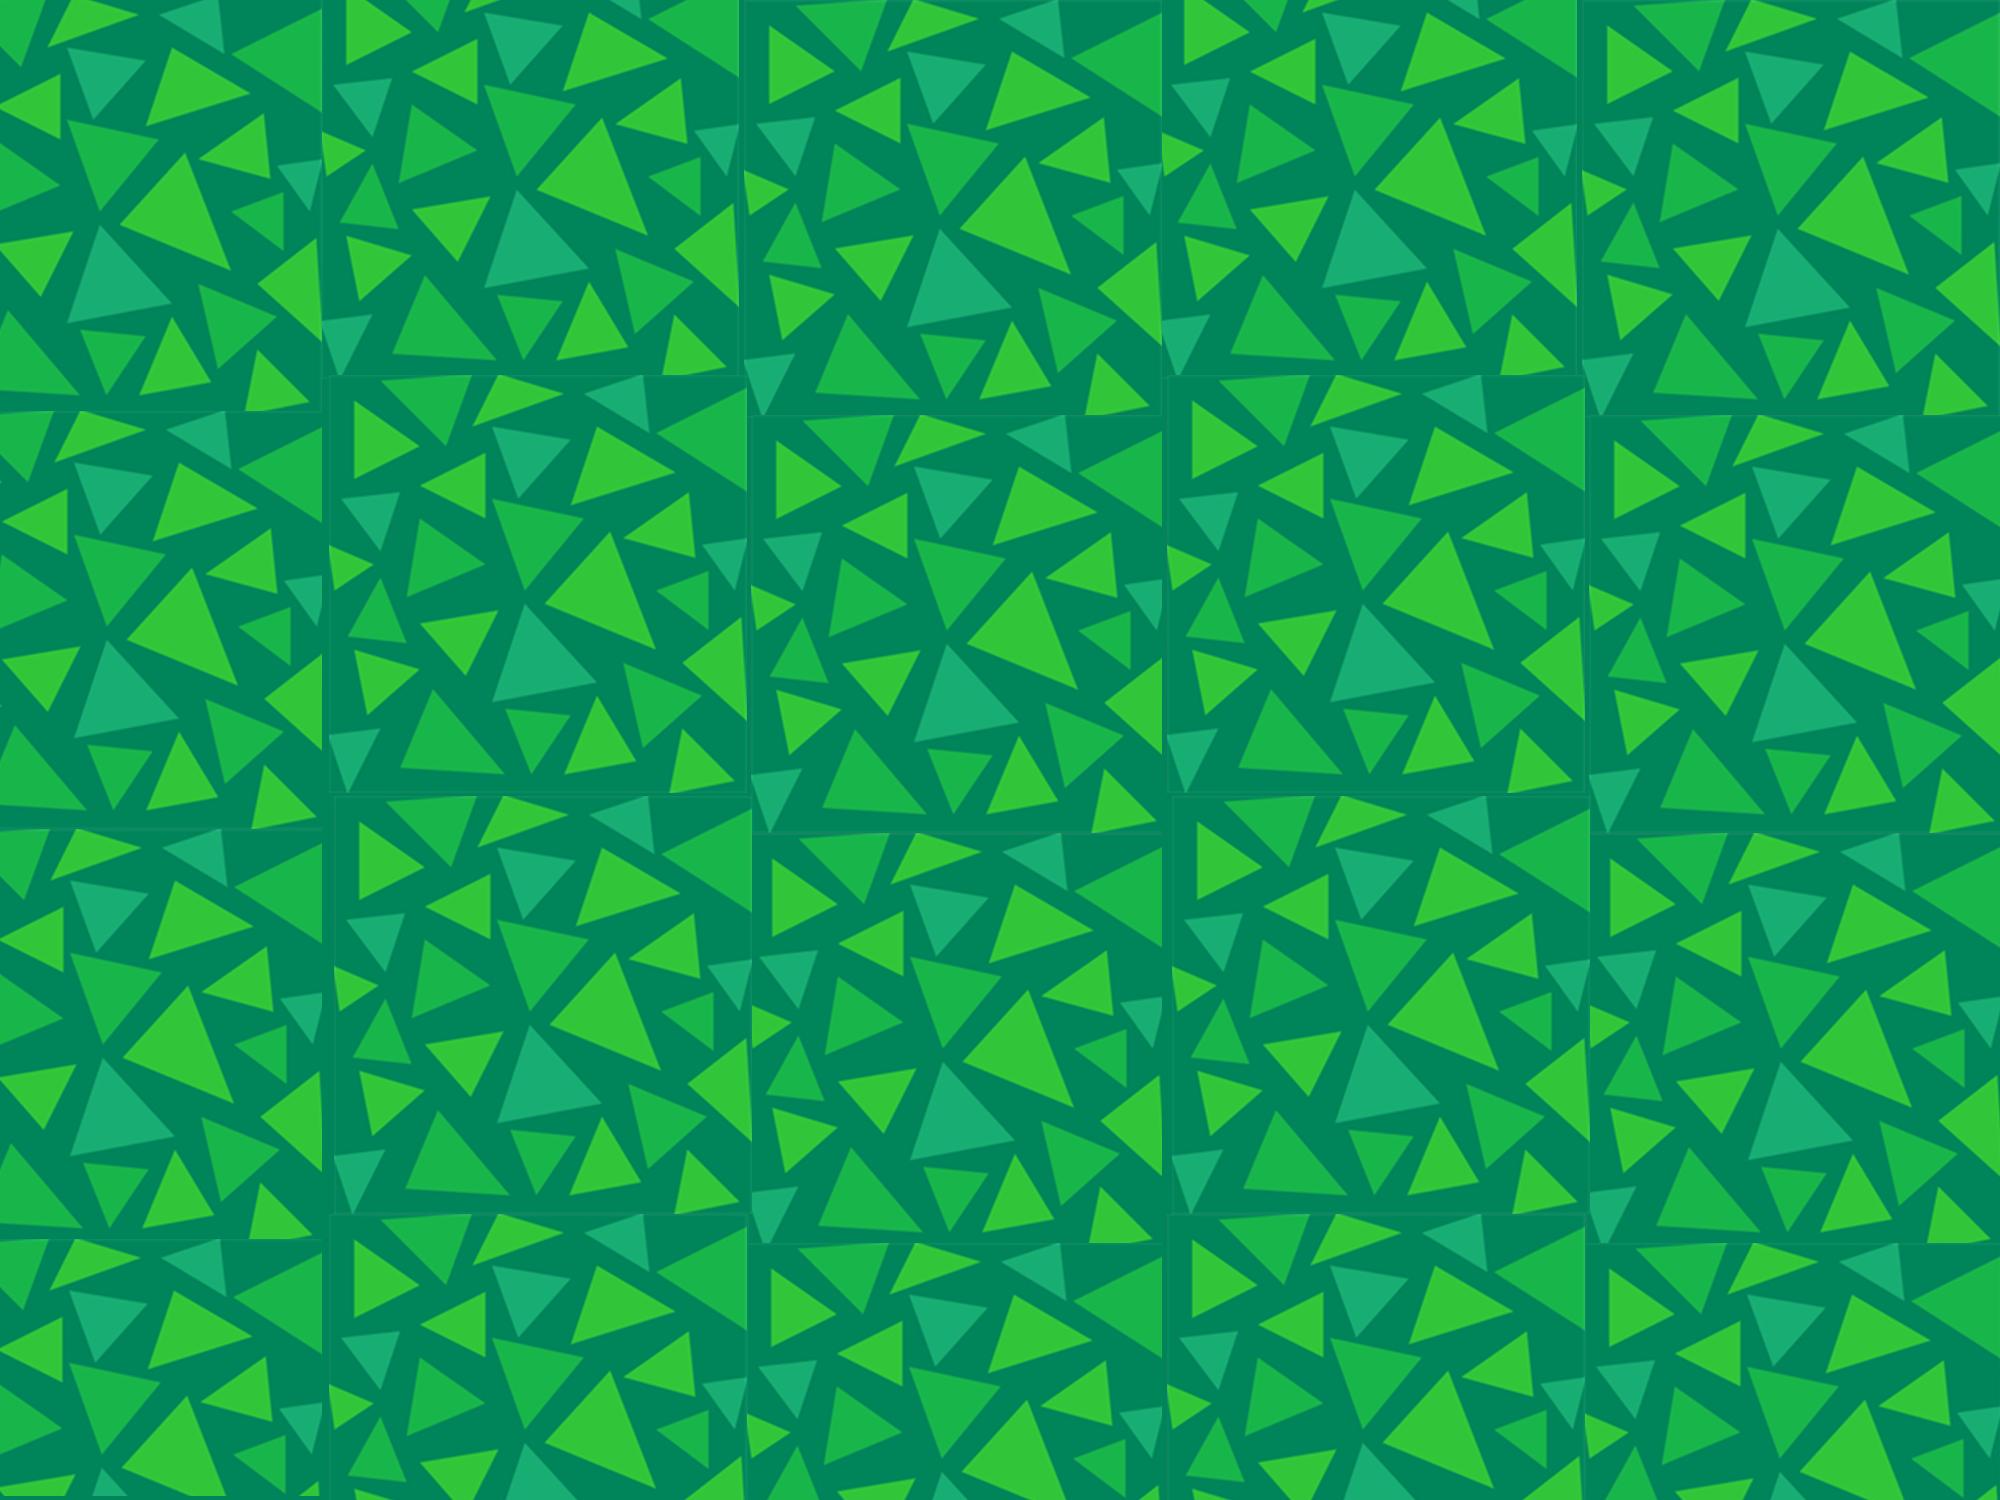 50 Animal Crossing Wallpaper Designs On Wallpapersafari